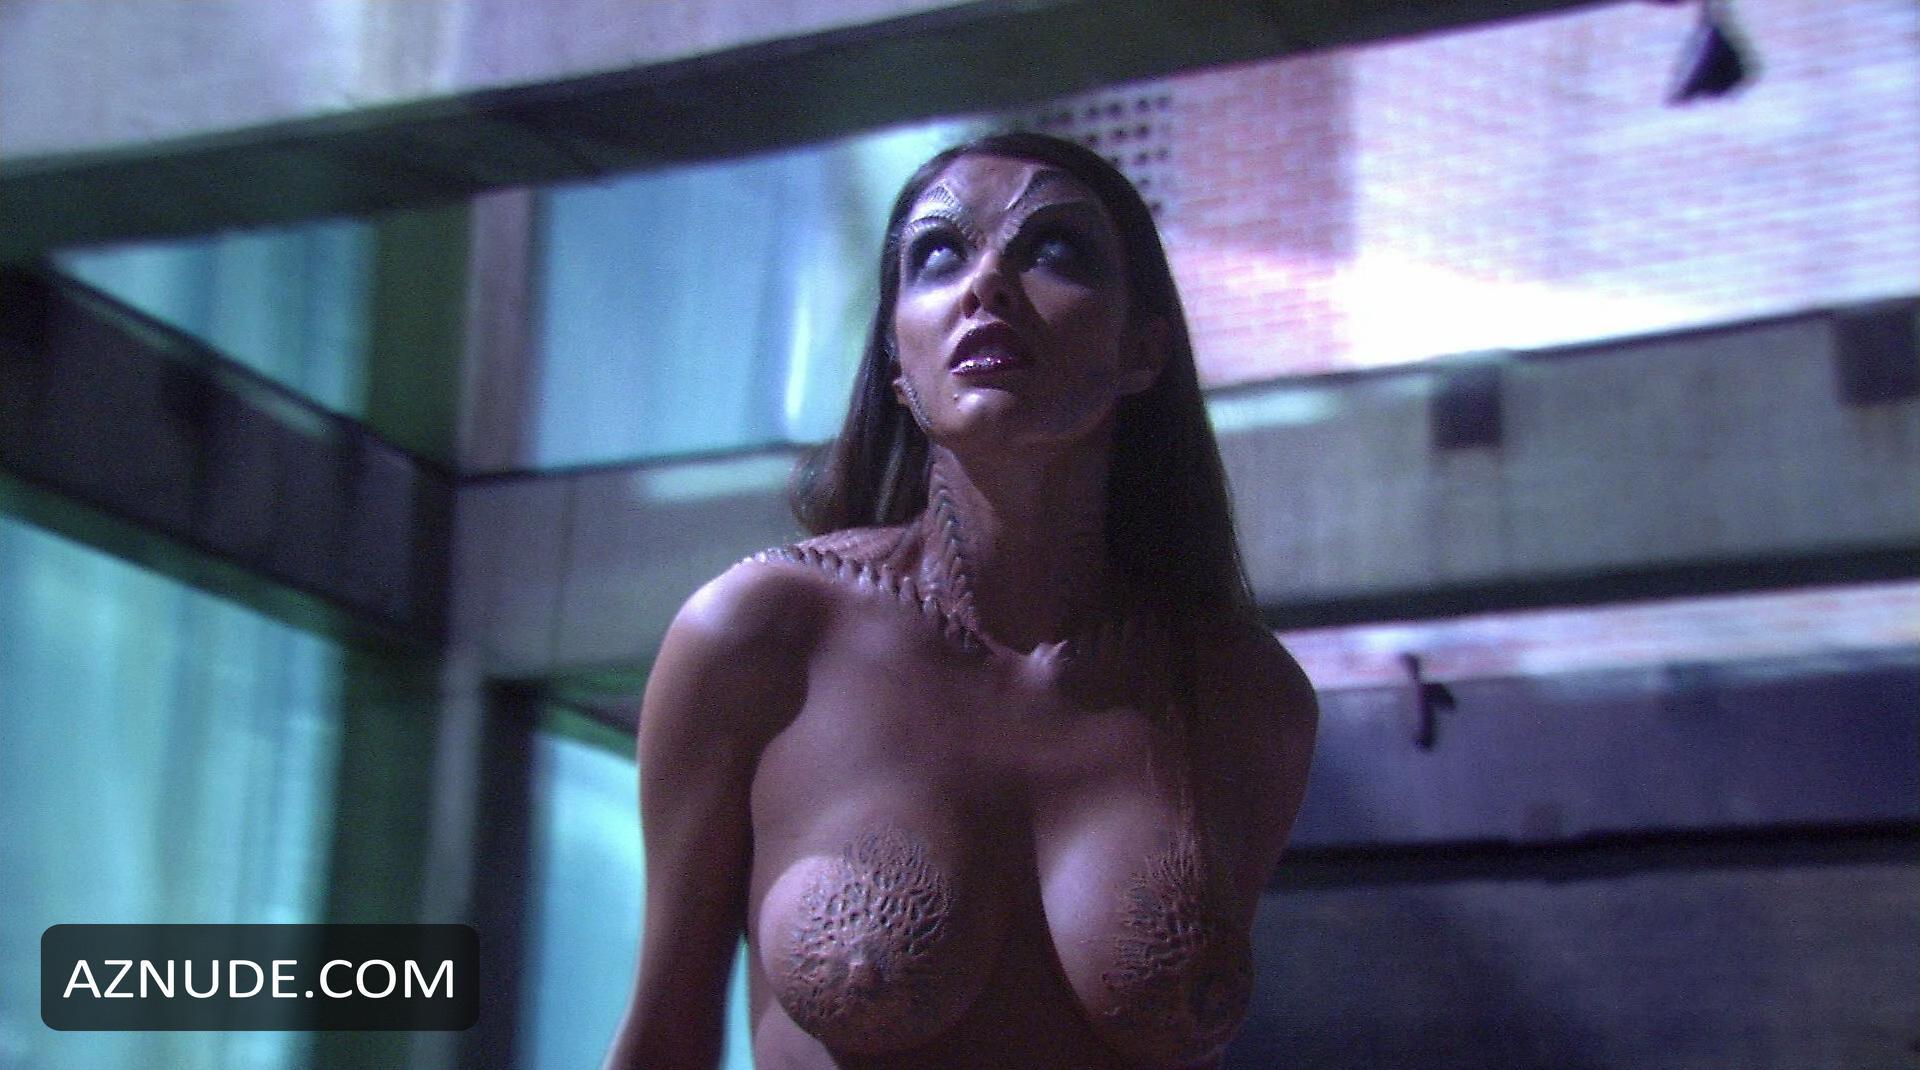 gabriela roel naked pics